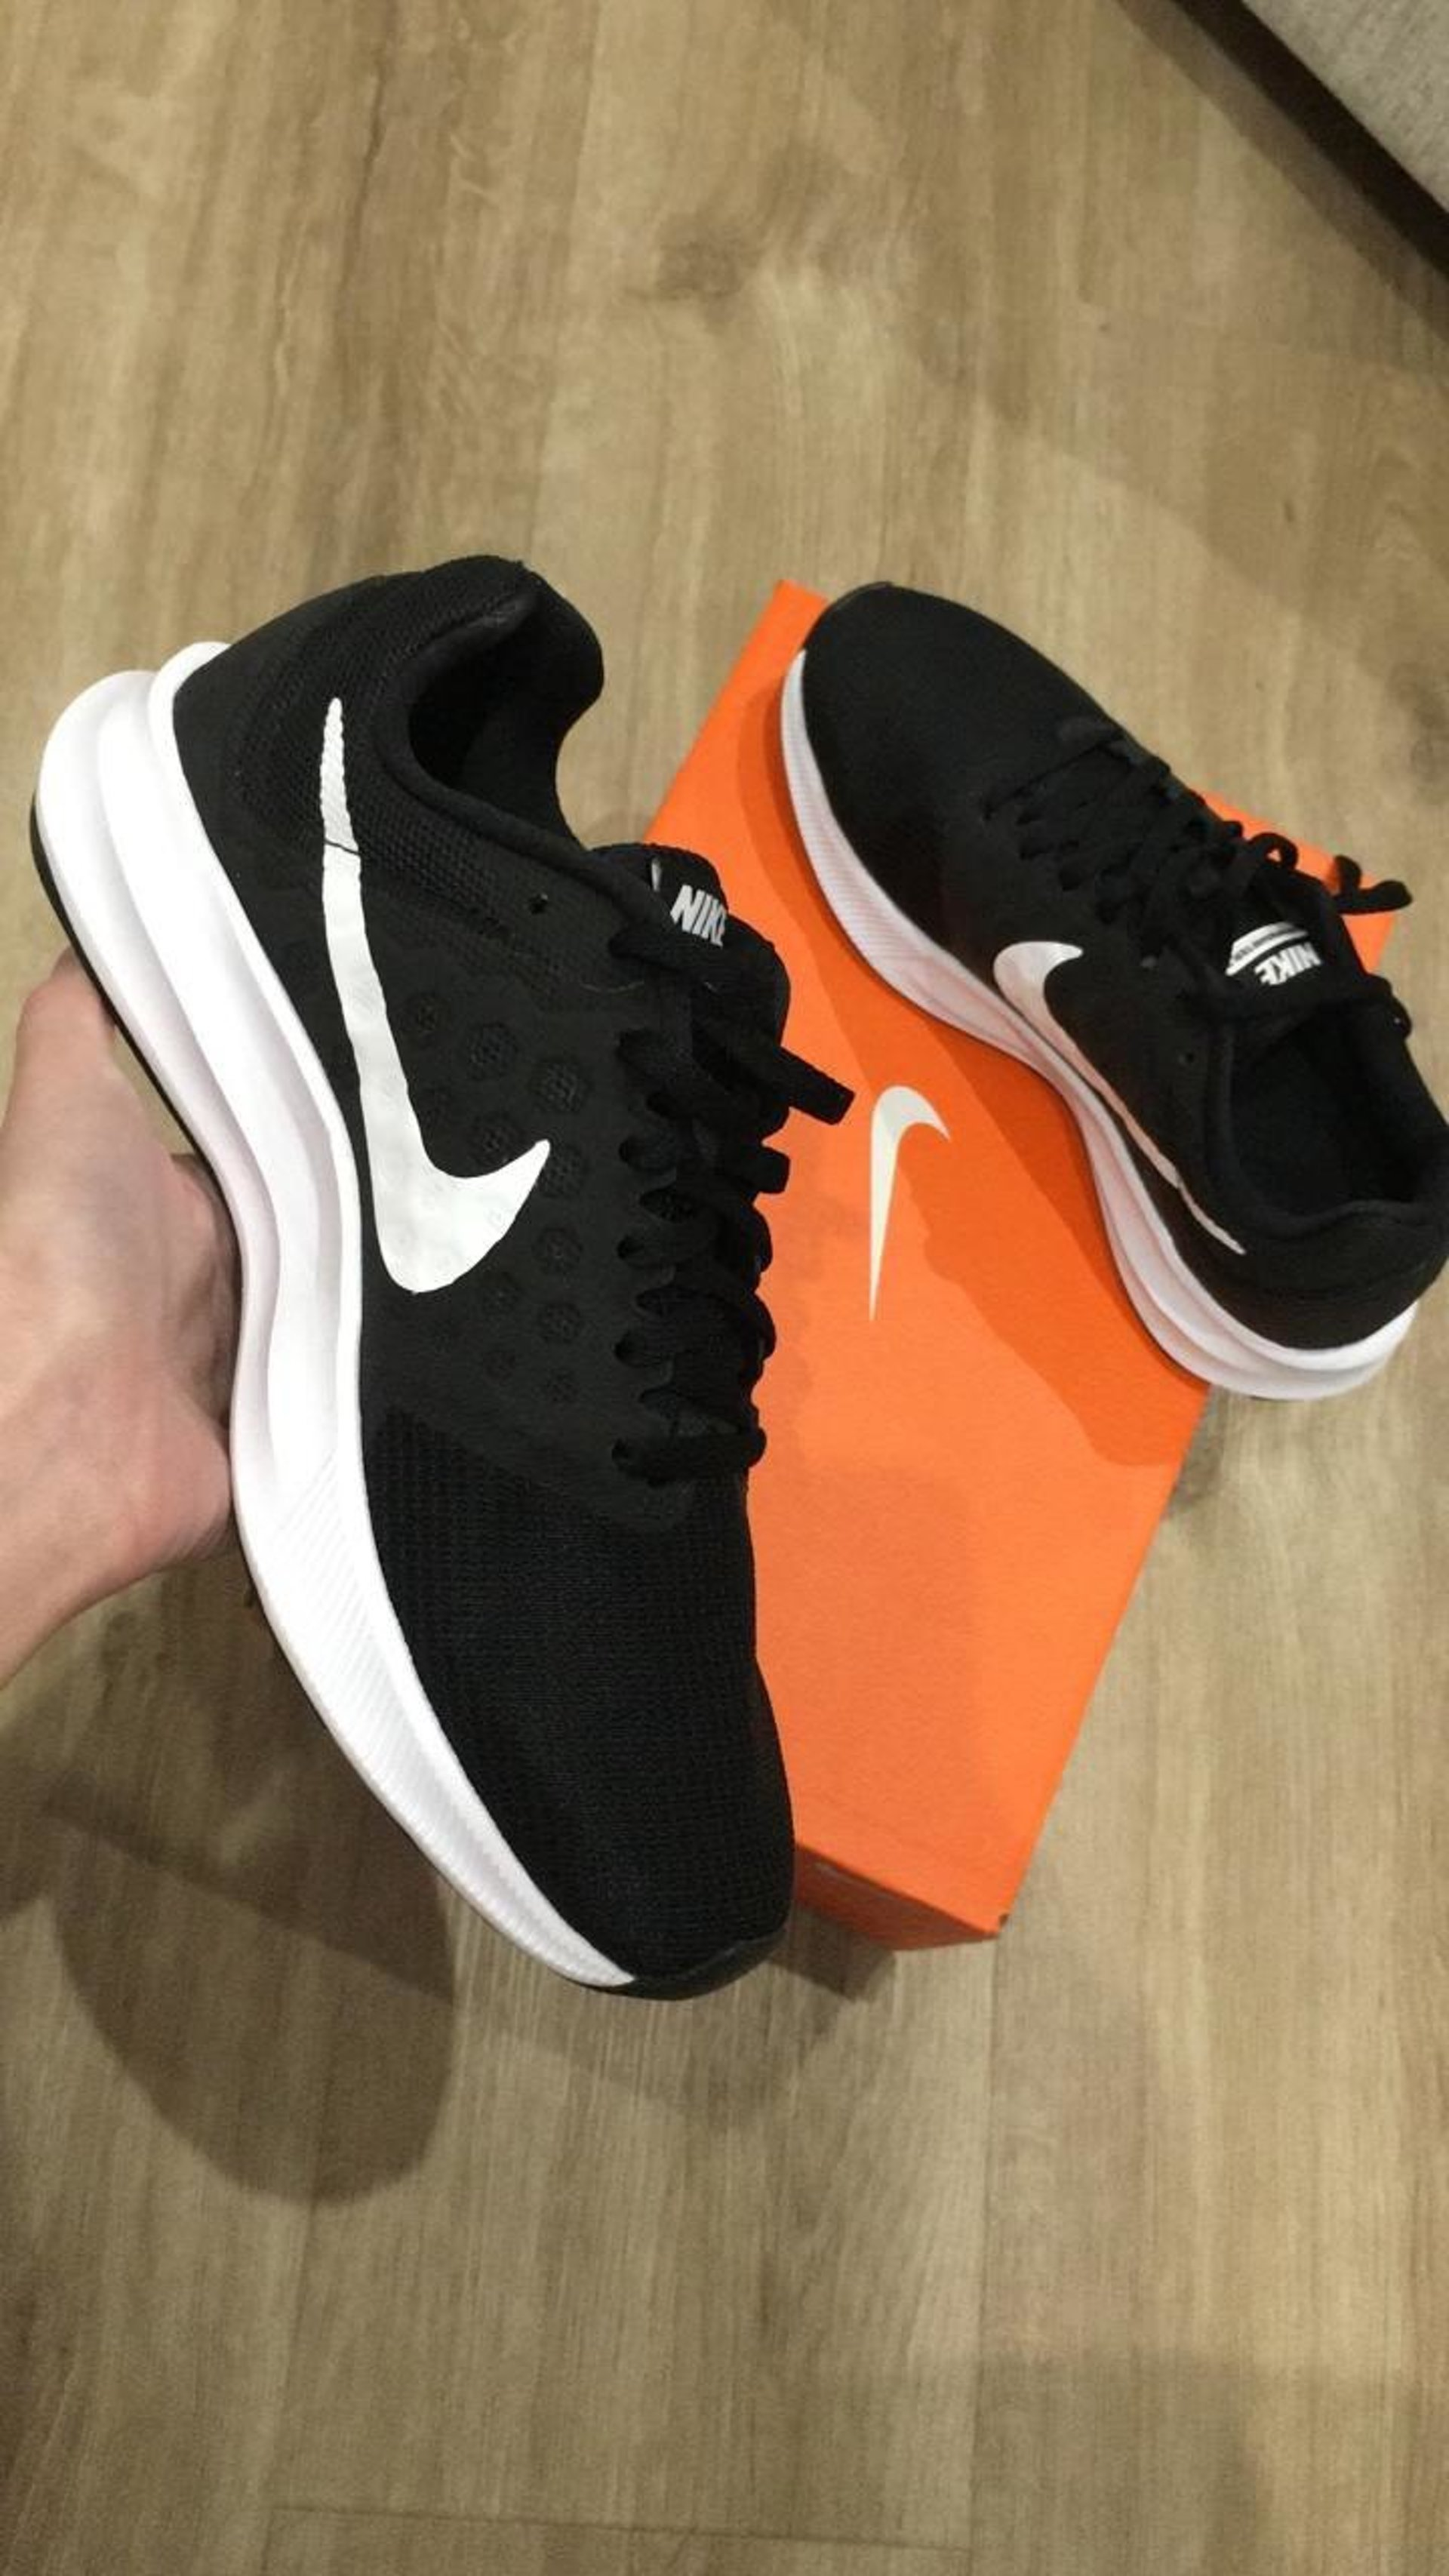 8e3fde78 Nike, дисконт-центр спортивной одежды и обуви, Кропоткина, 128а, Новосибирск  — 2ГИС